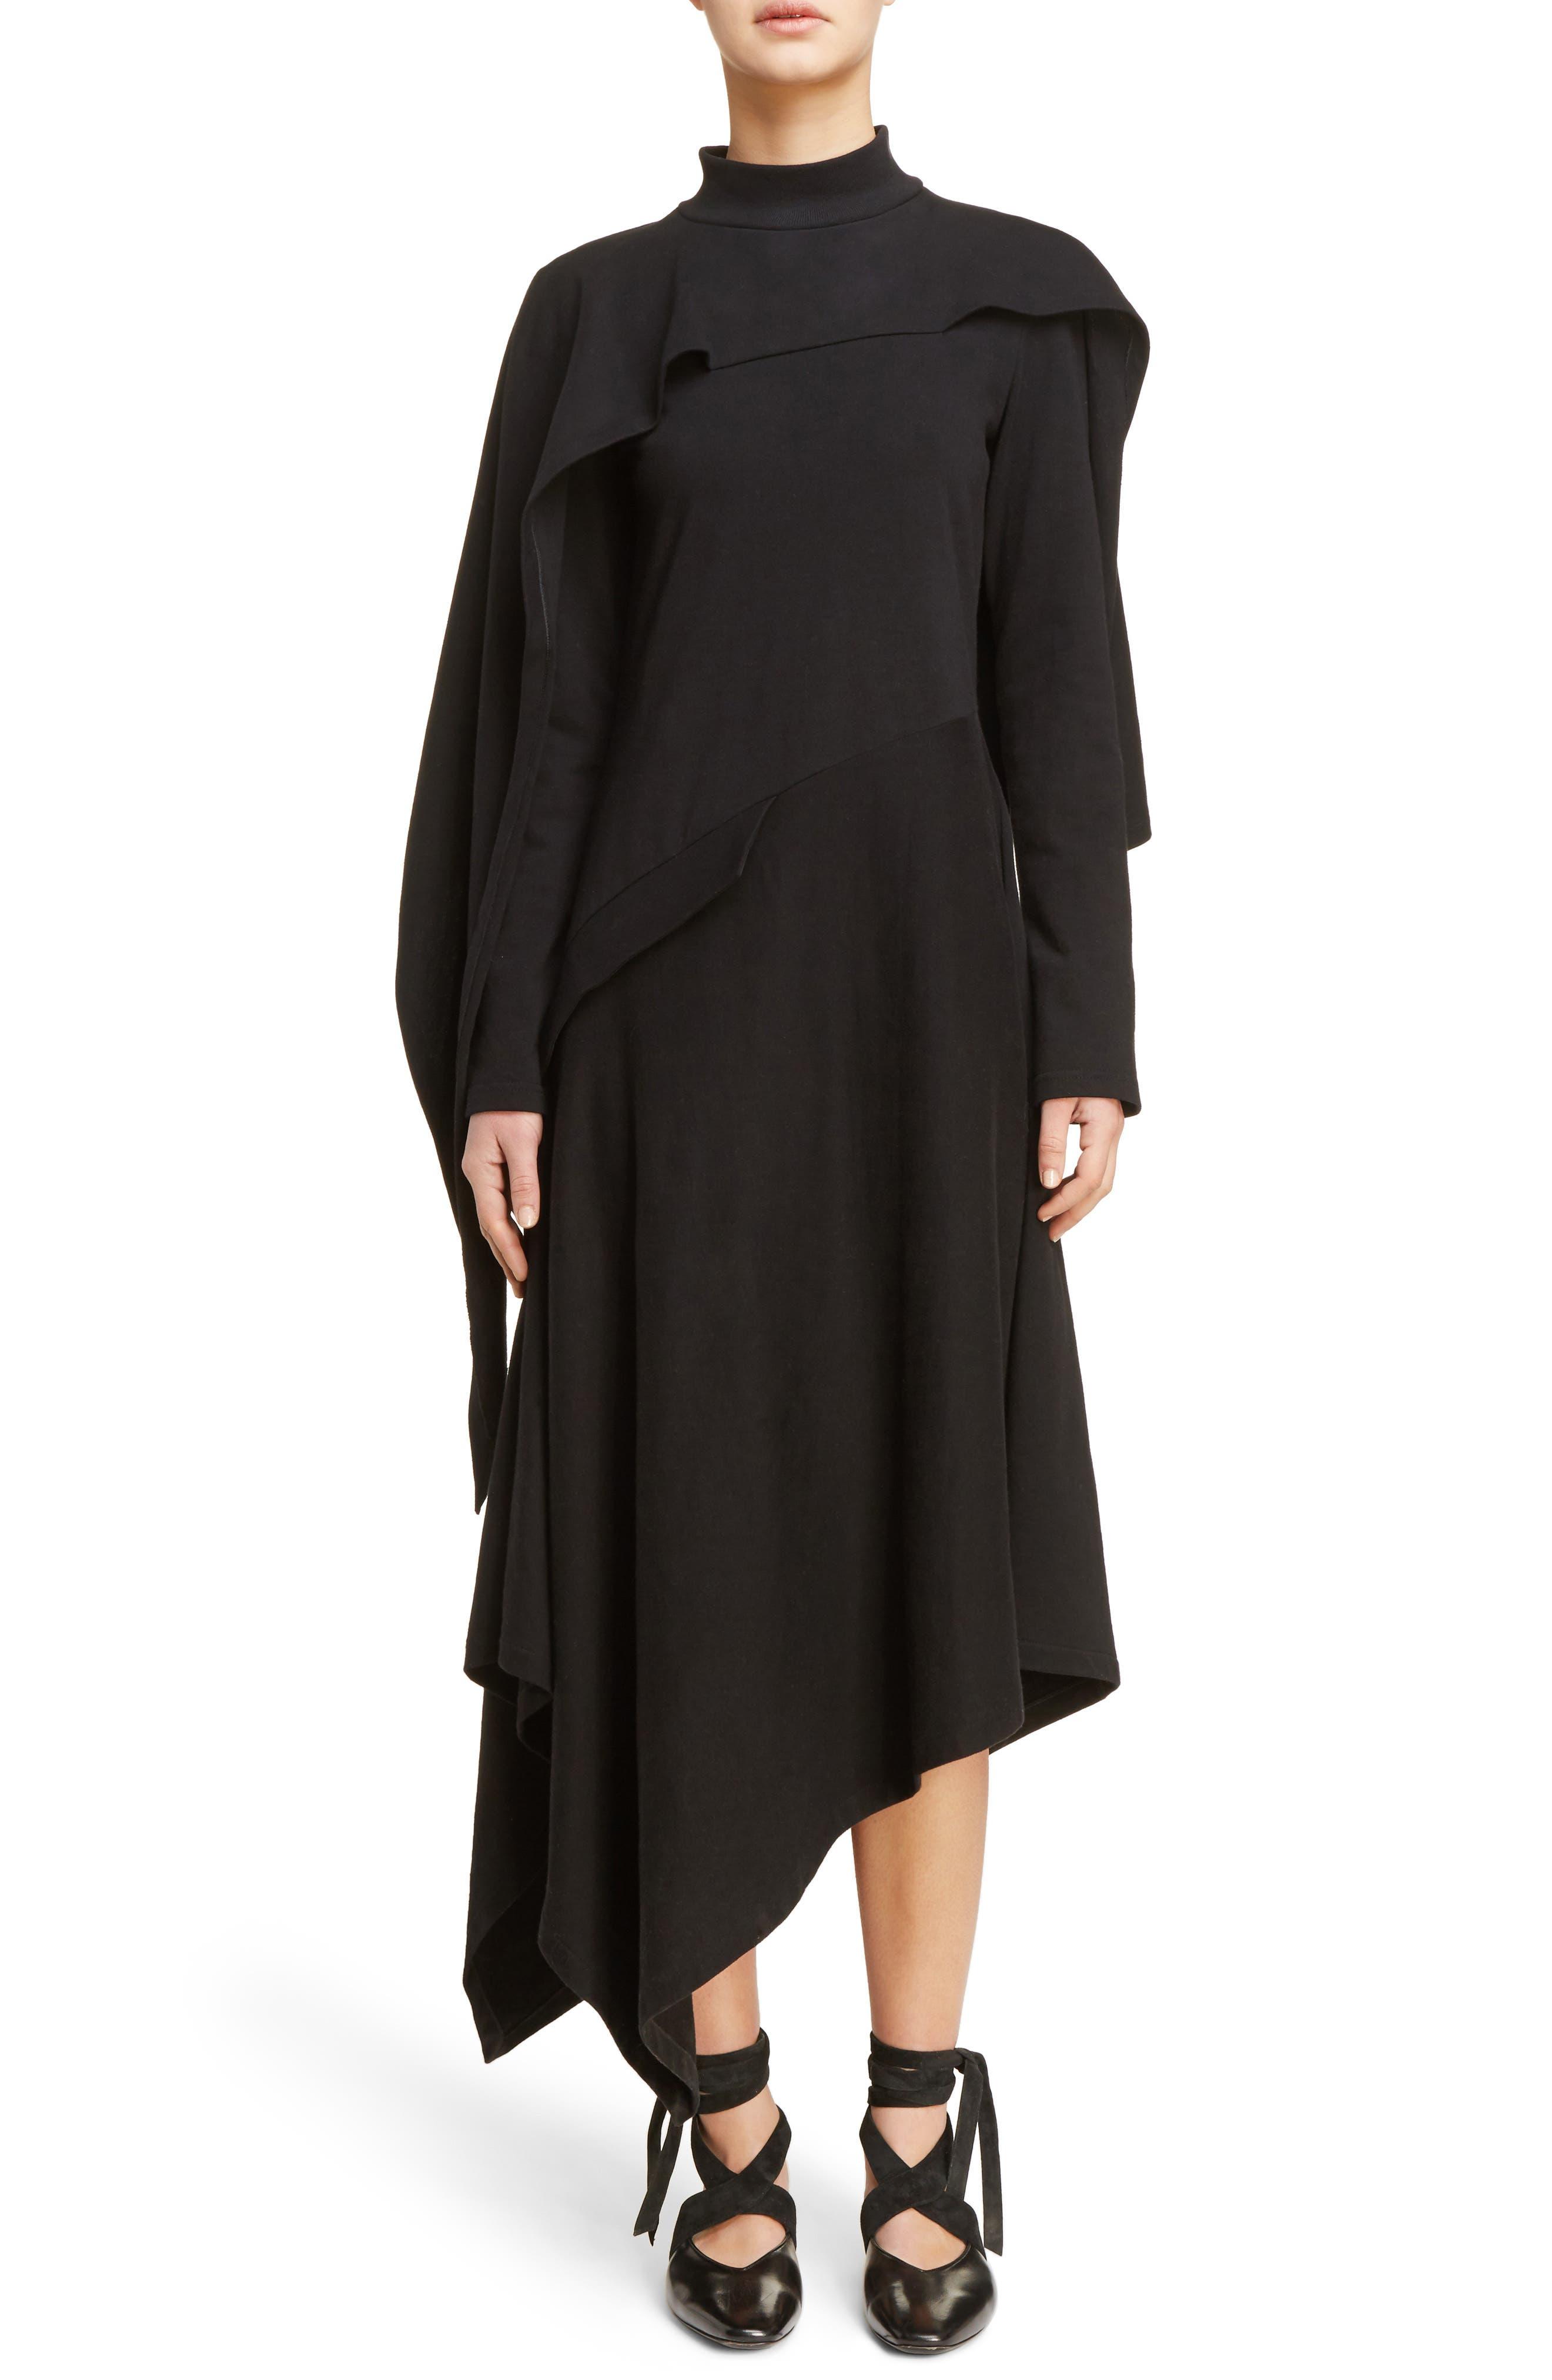 J.W.ANDERSON Side Button Asymmetrical Dress